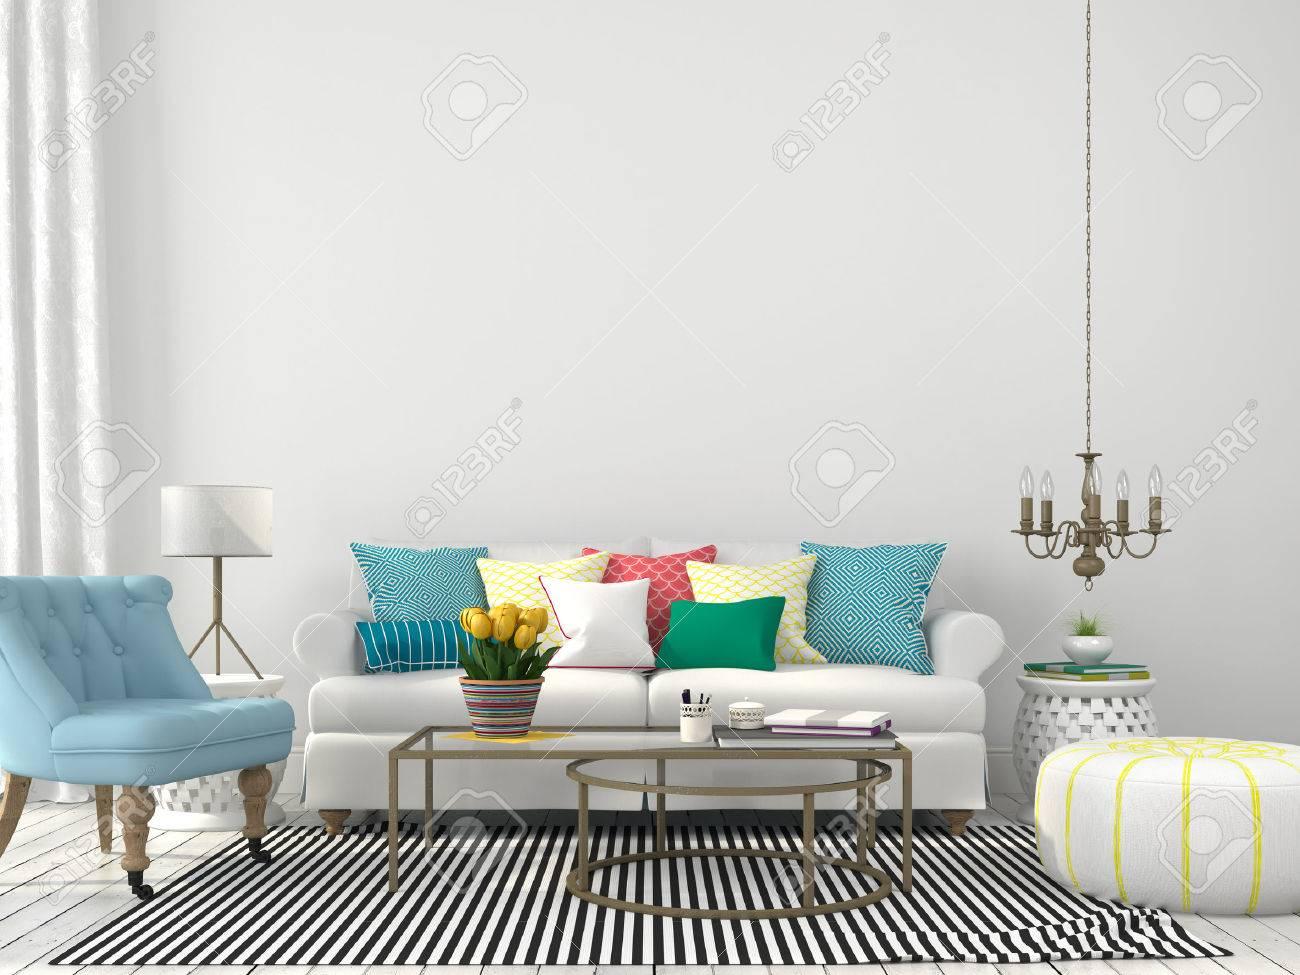 Weiß Innenraum Wohnzimmer Mit Bunten Kissen Lizenzfreie Fotos ...